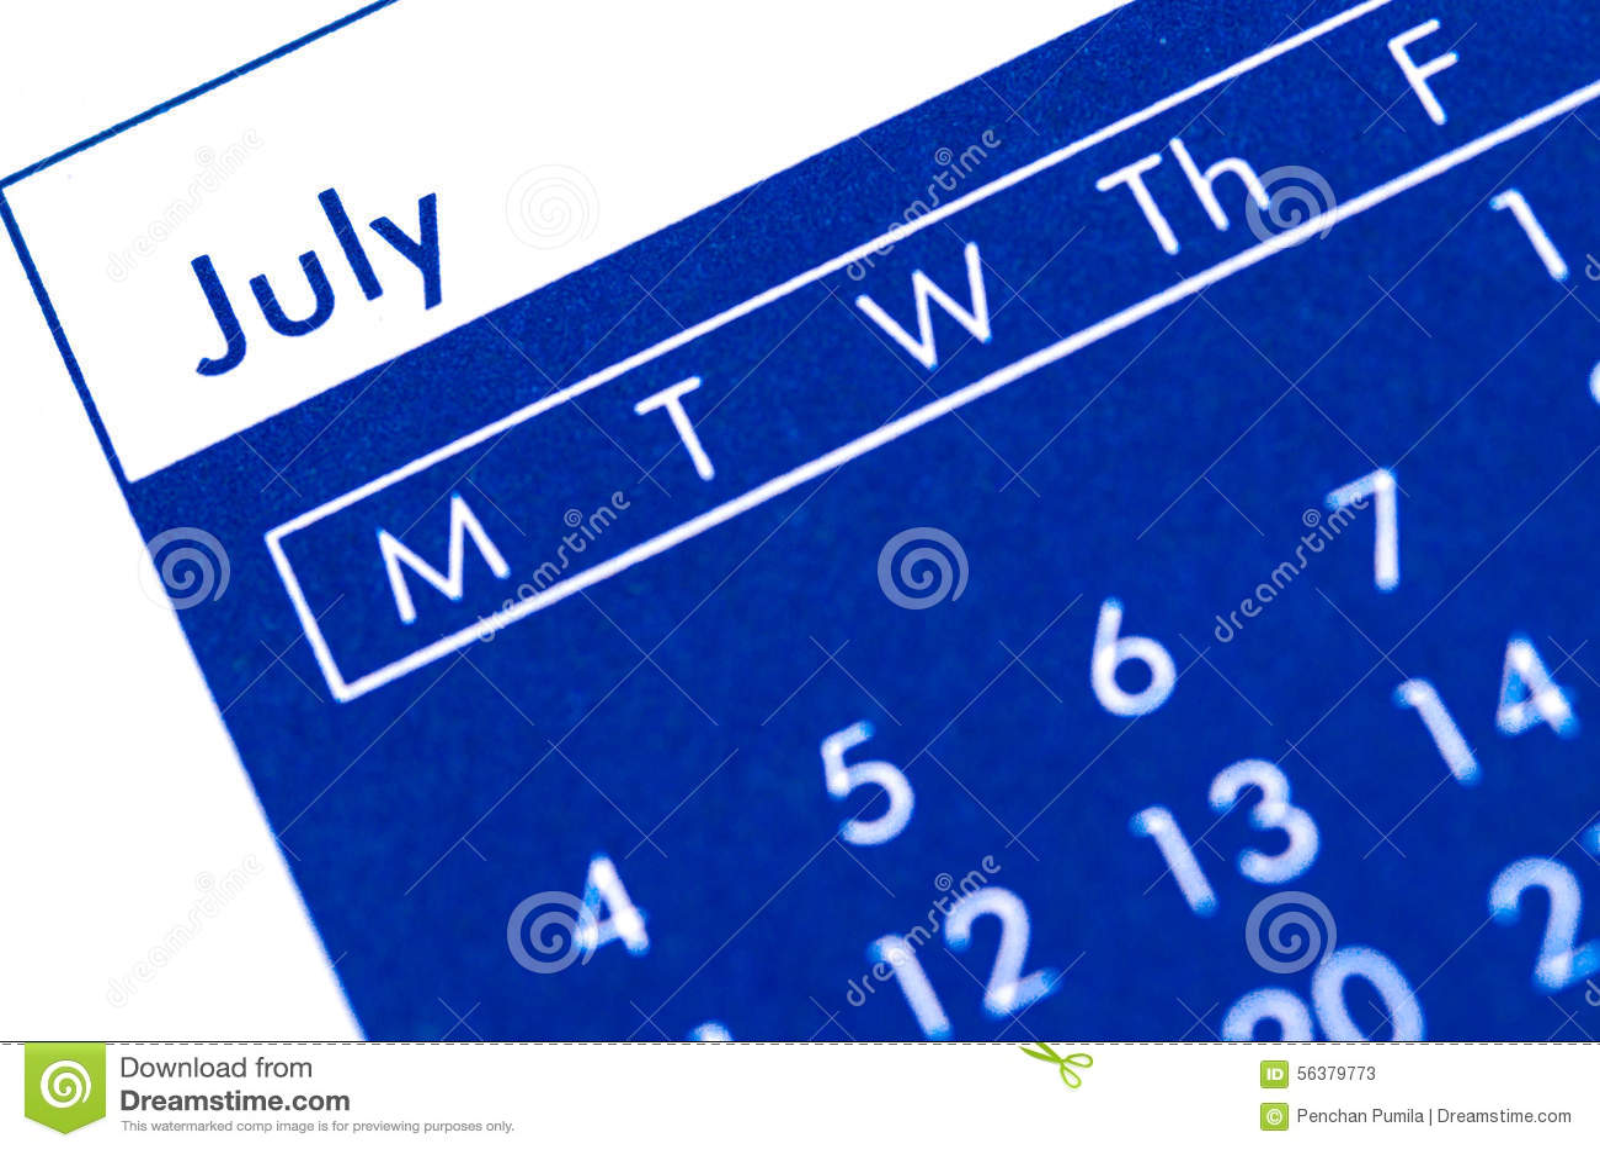 Visualizza Calendario.Calendario Diretto A Spirale Che Visualizza Mese Di Luglio